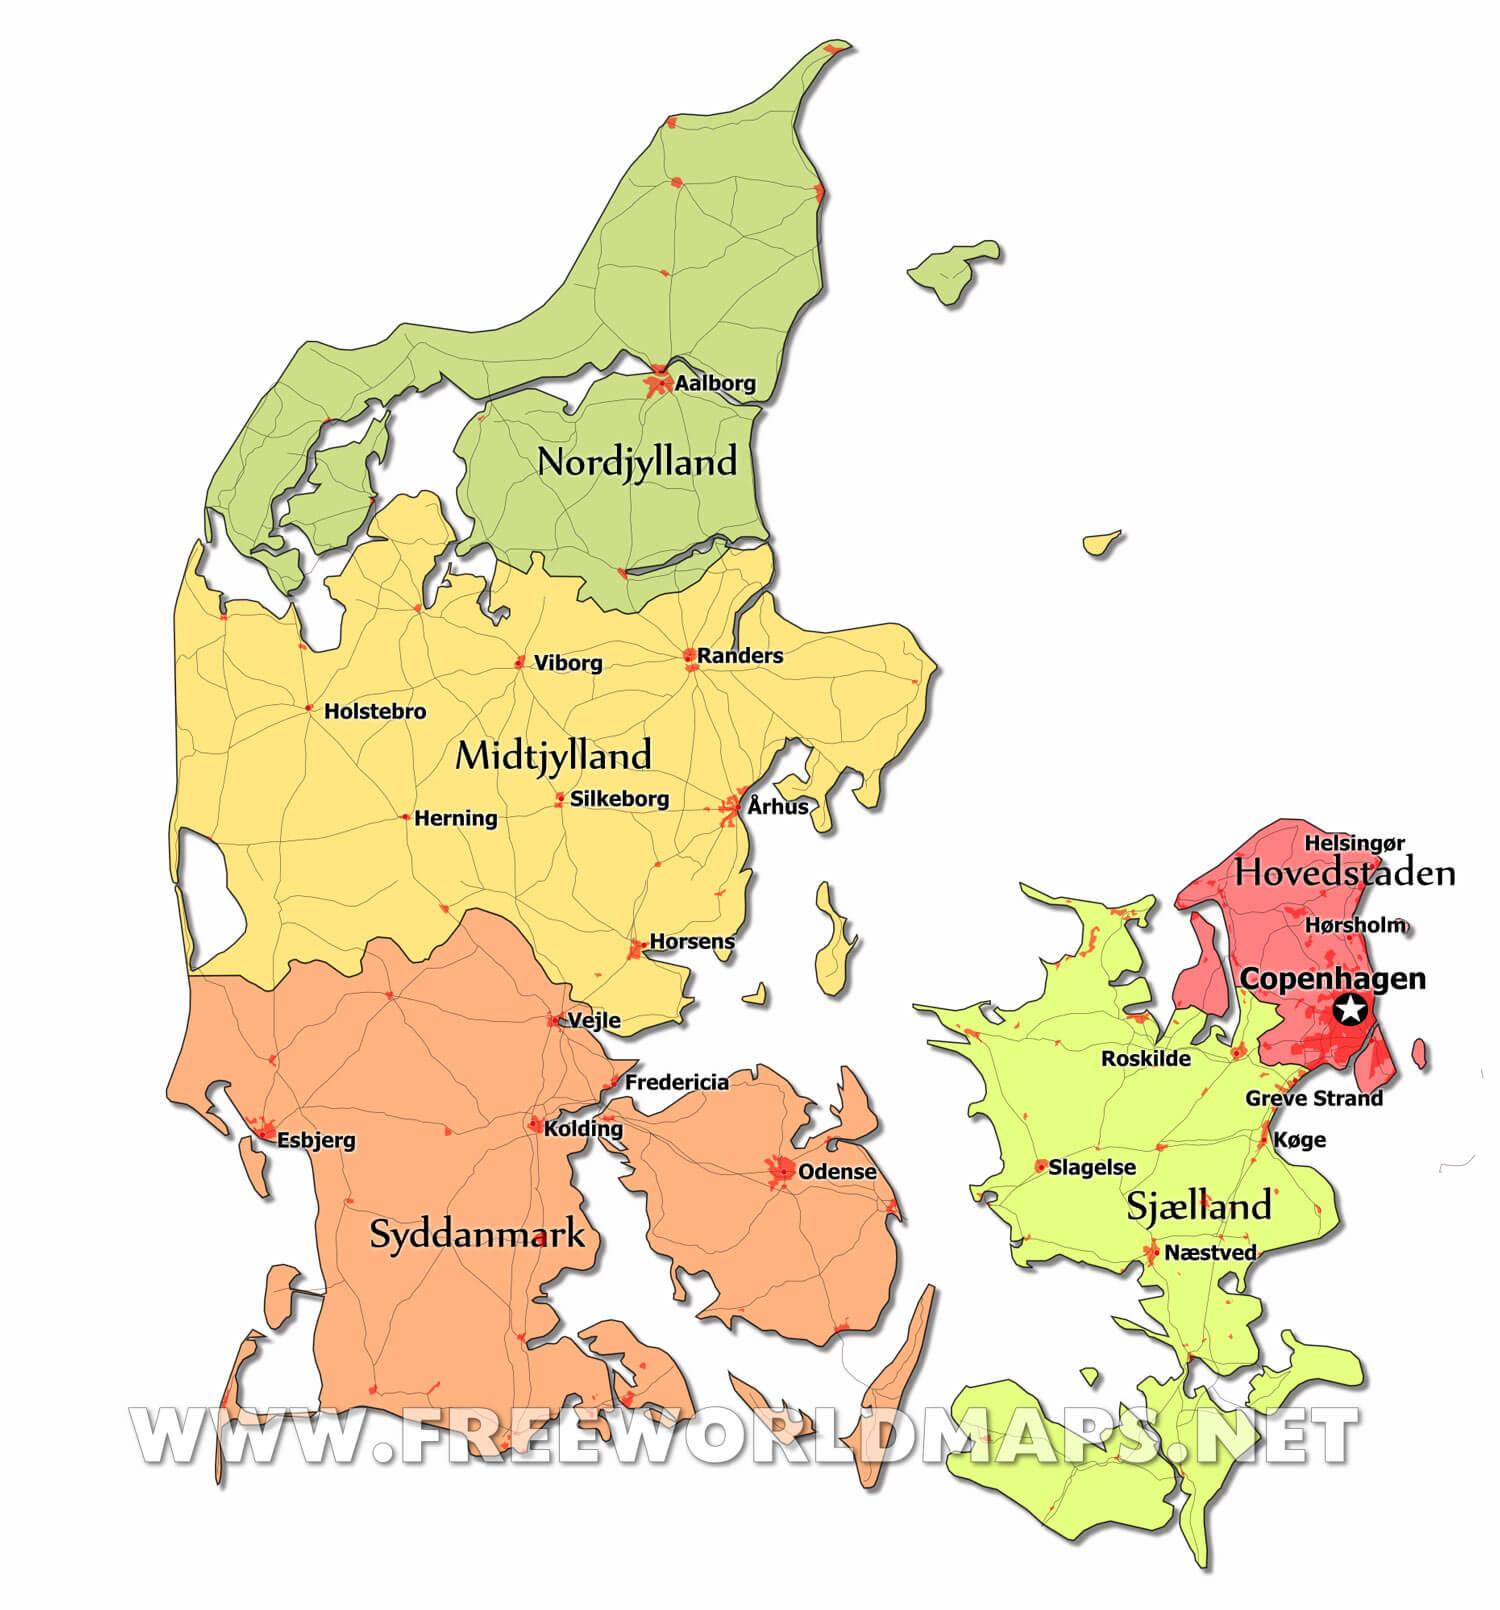 Denmark Maps - by Freeworldmaps.net